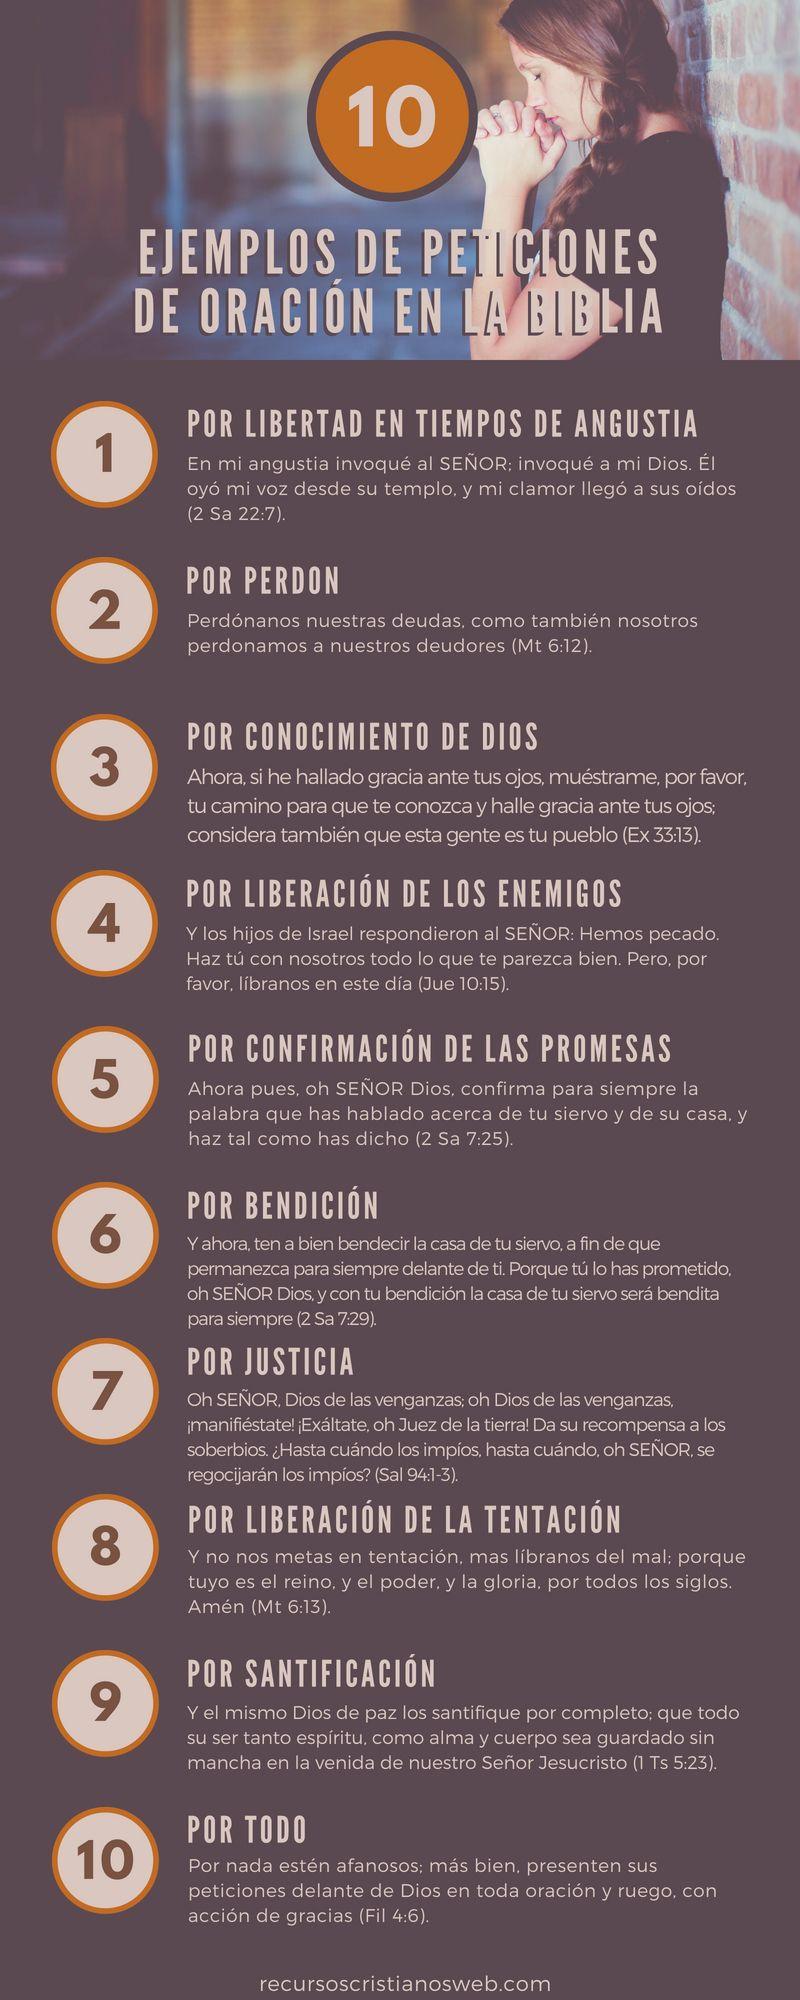 10 Ejemplos De Peticion De Oracion A Dios Versciculosbiblicos